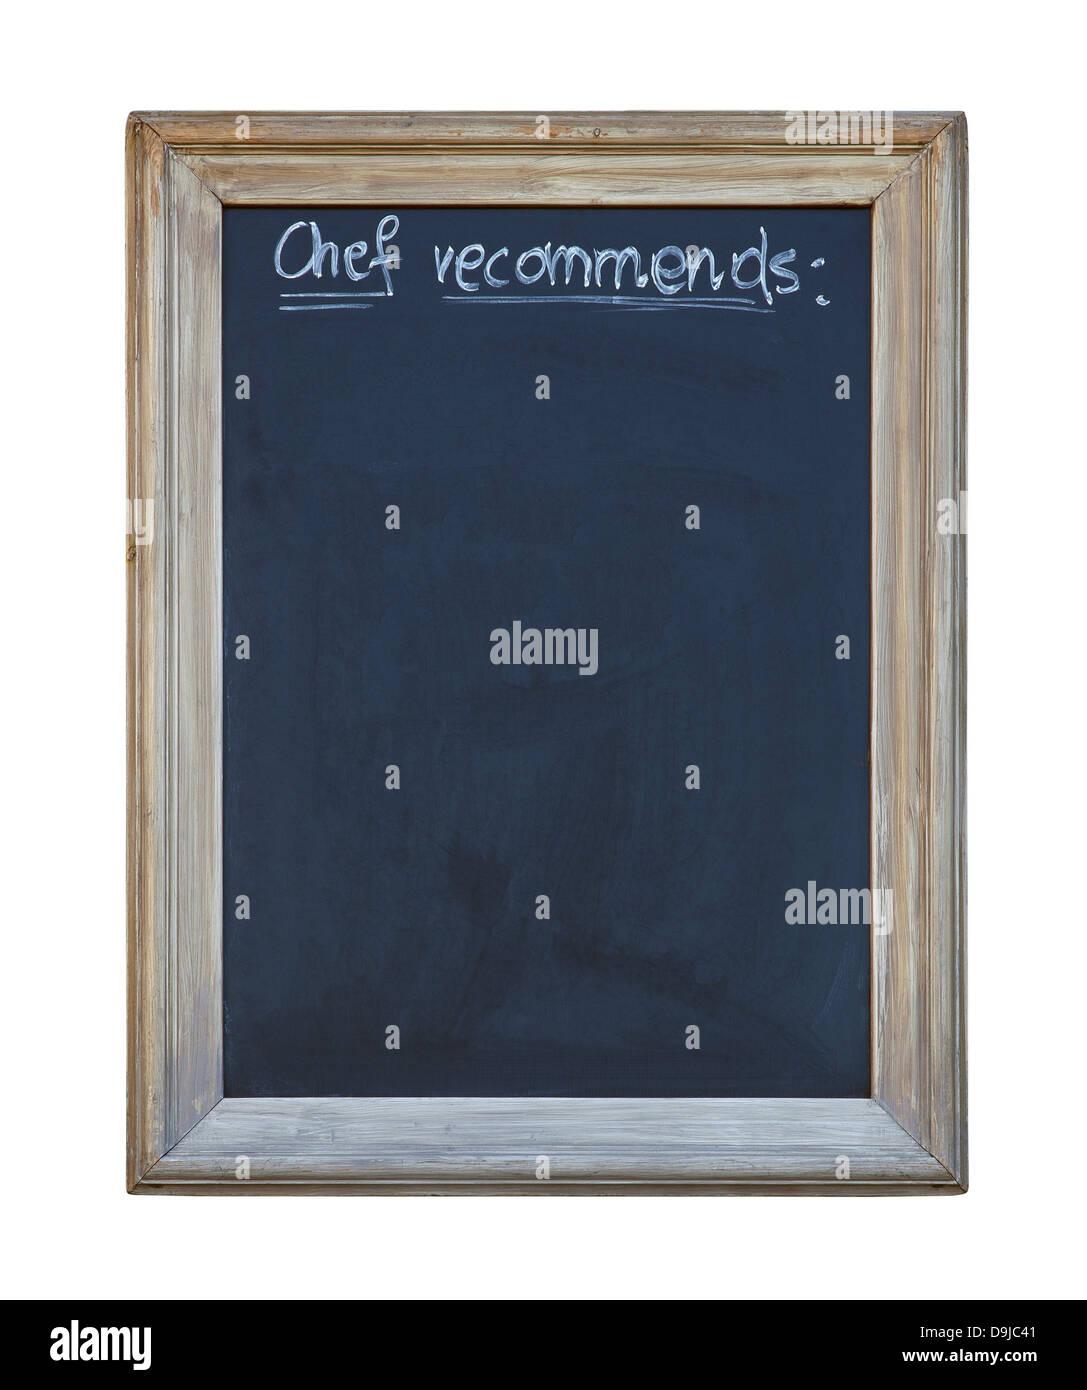 Küchenchef empfiehlt Tafel mit Beschneidungspfad Stockfoto, Bild ...